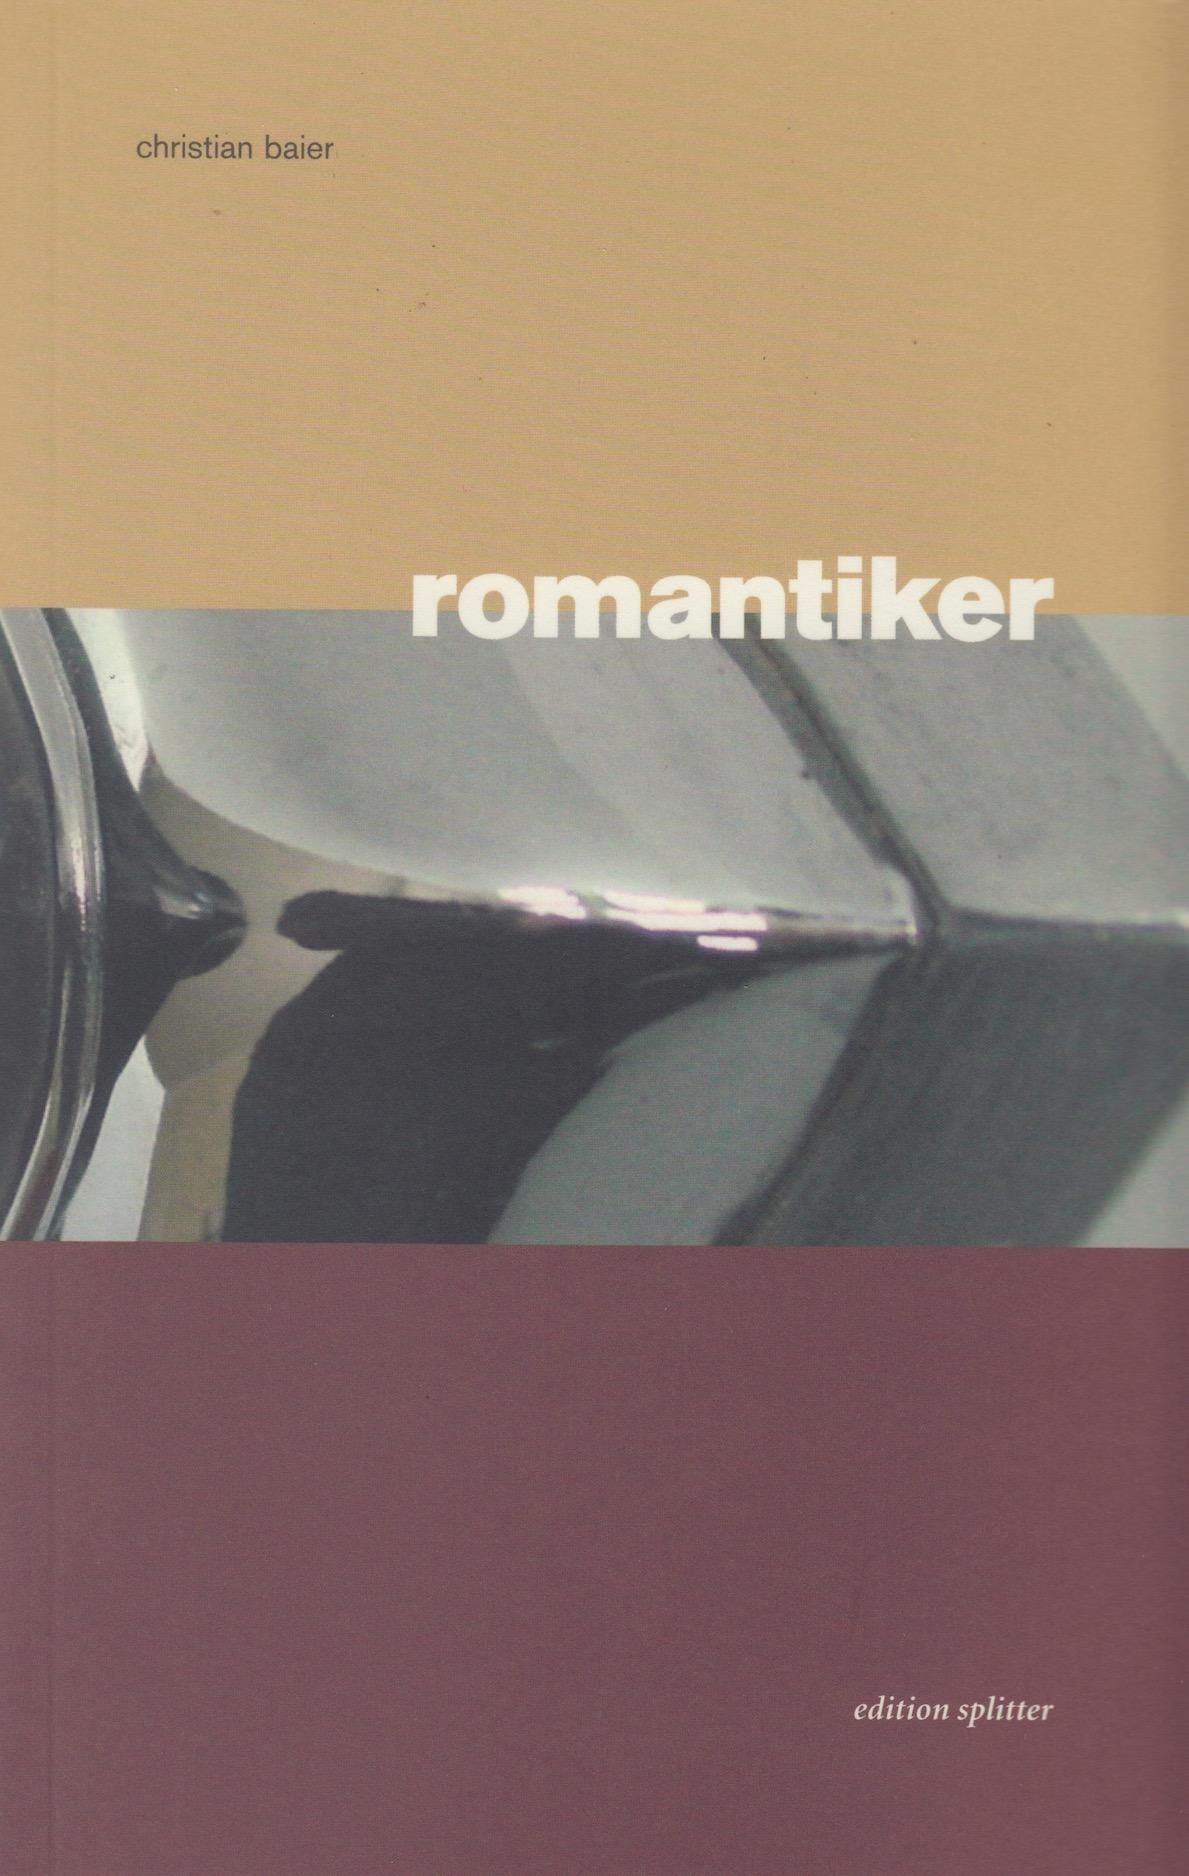 romantiker - Christian Baier